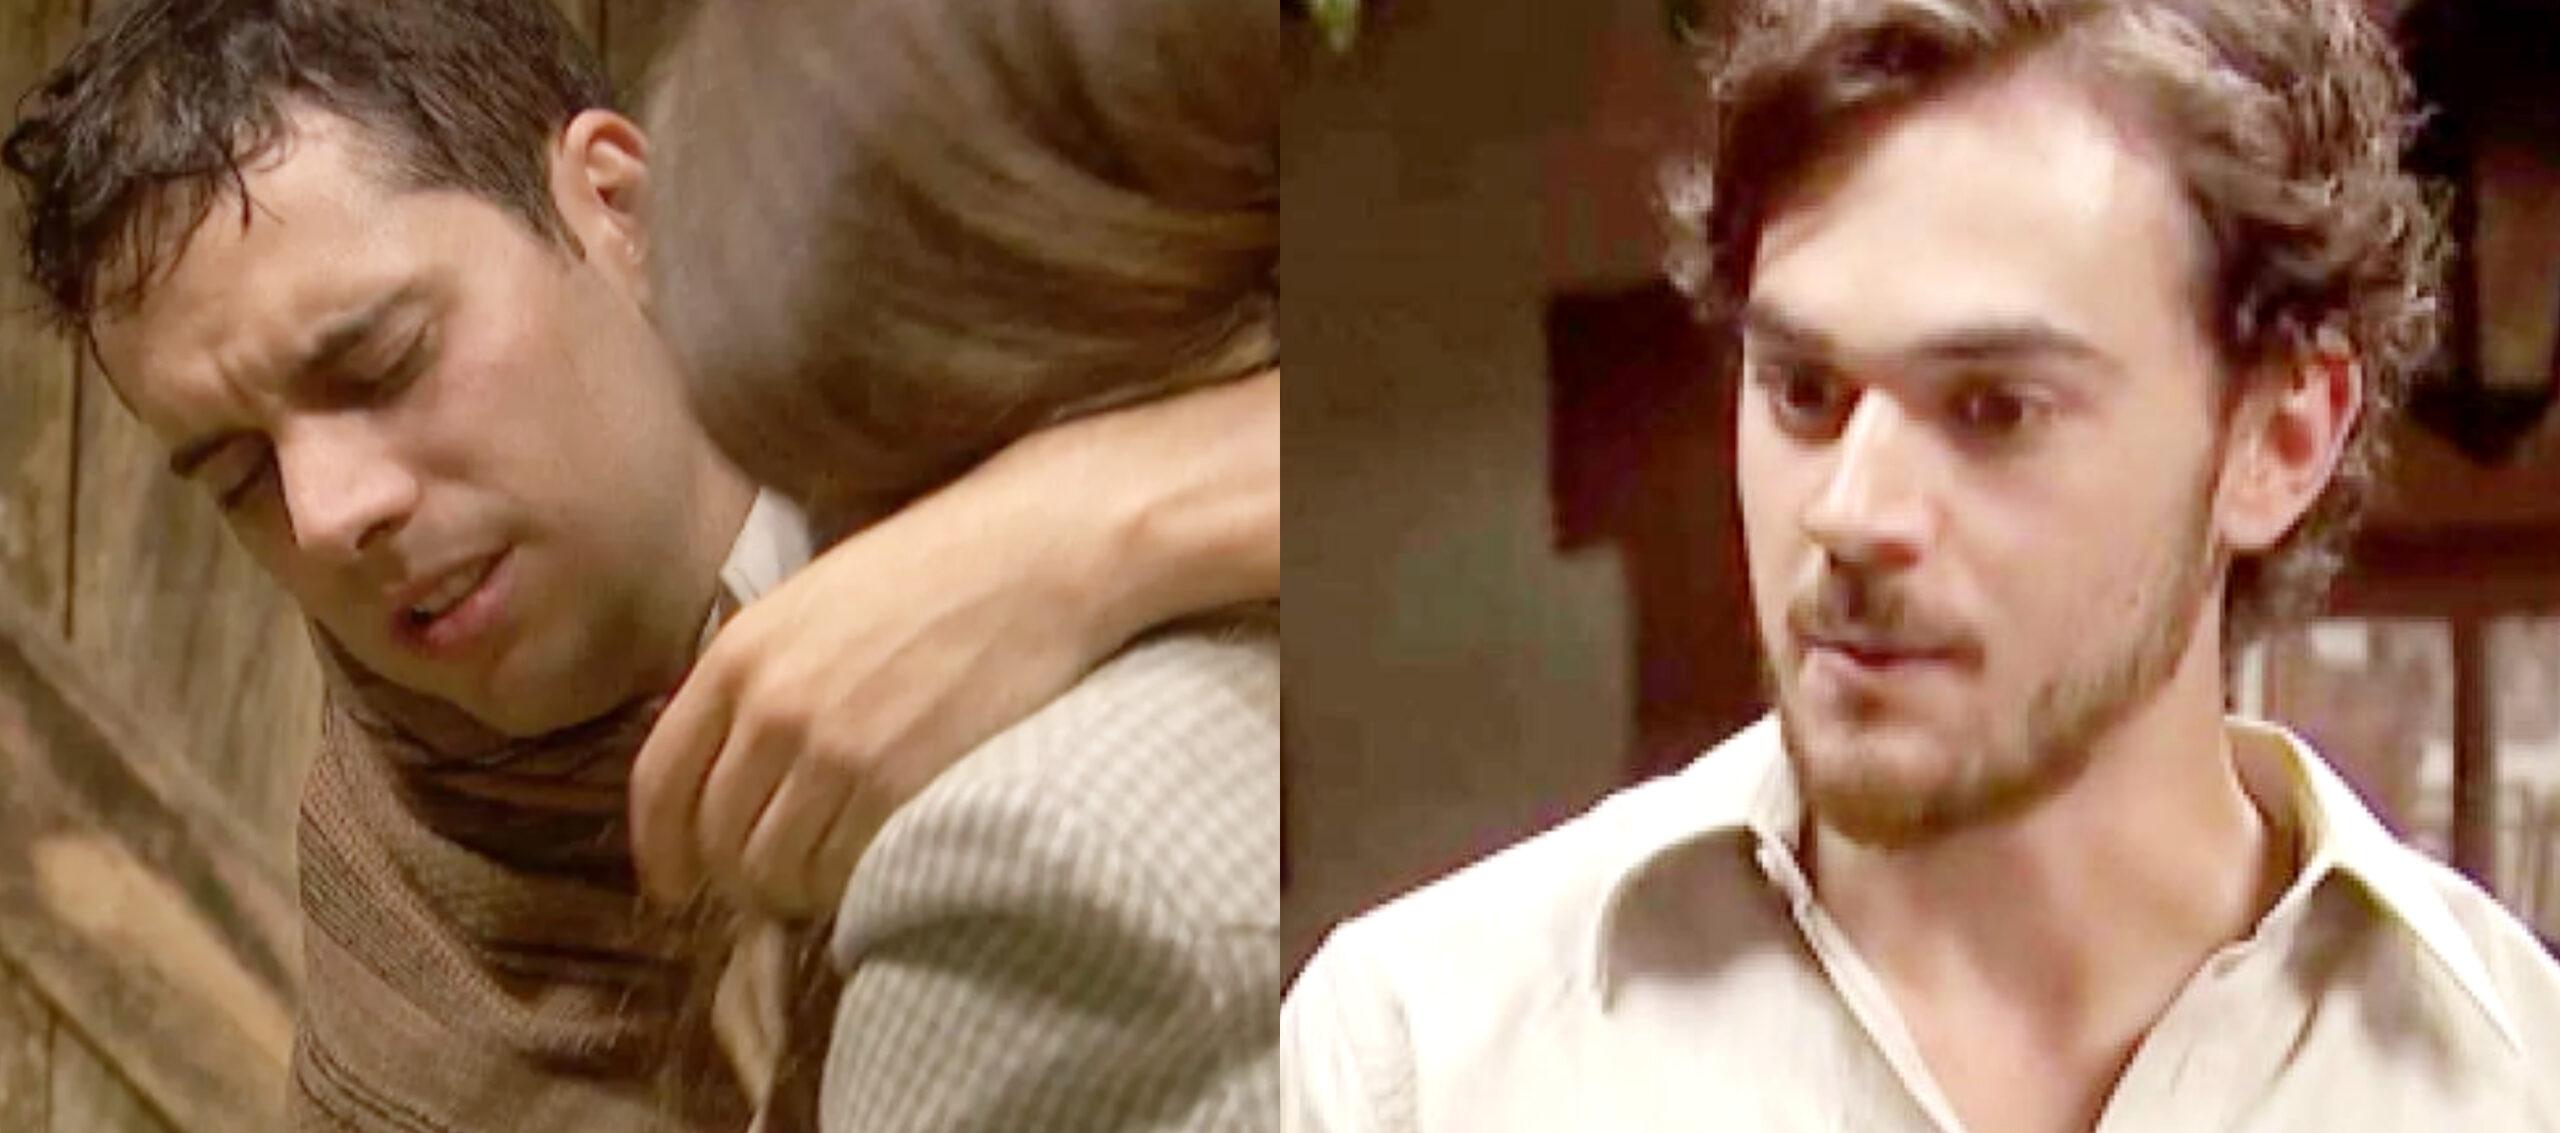 Il Segreto, trame 15-20 giugno: Matias sospetta di Alicia, Pablo muore?